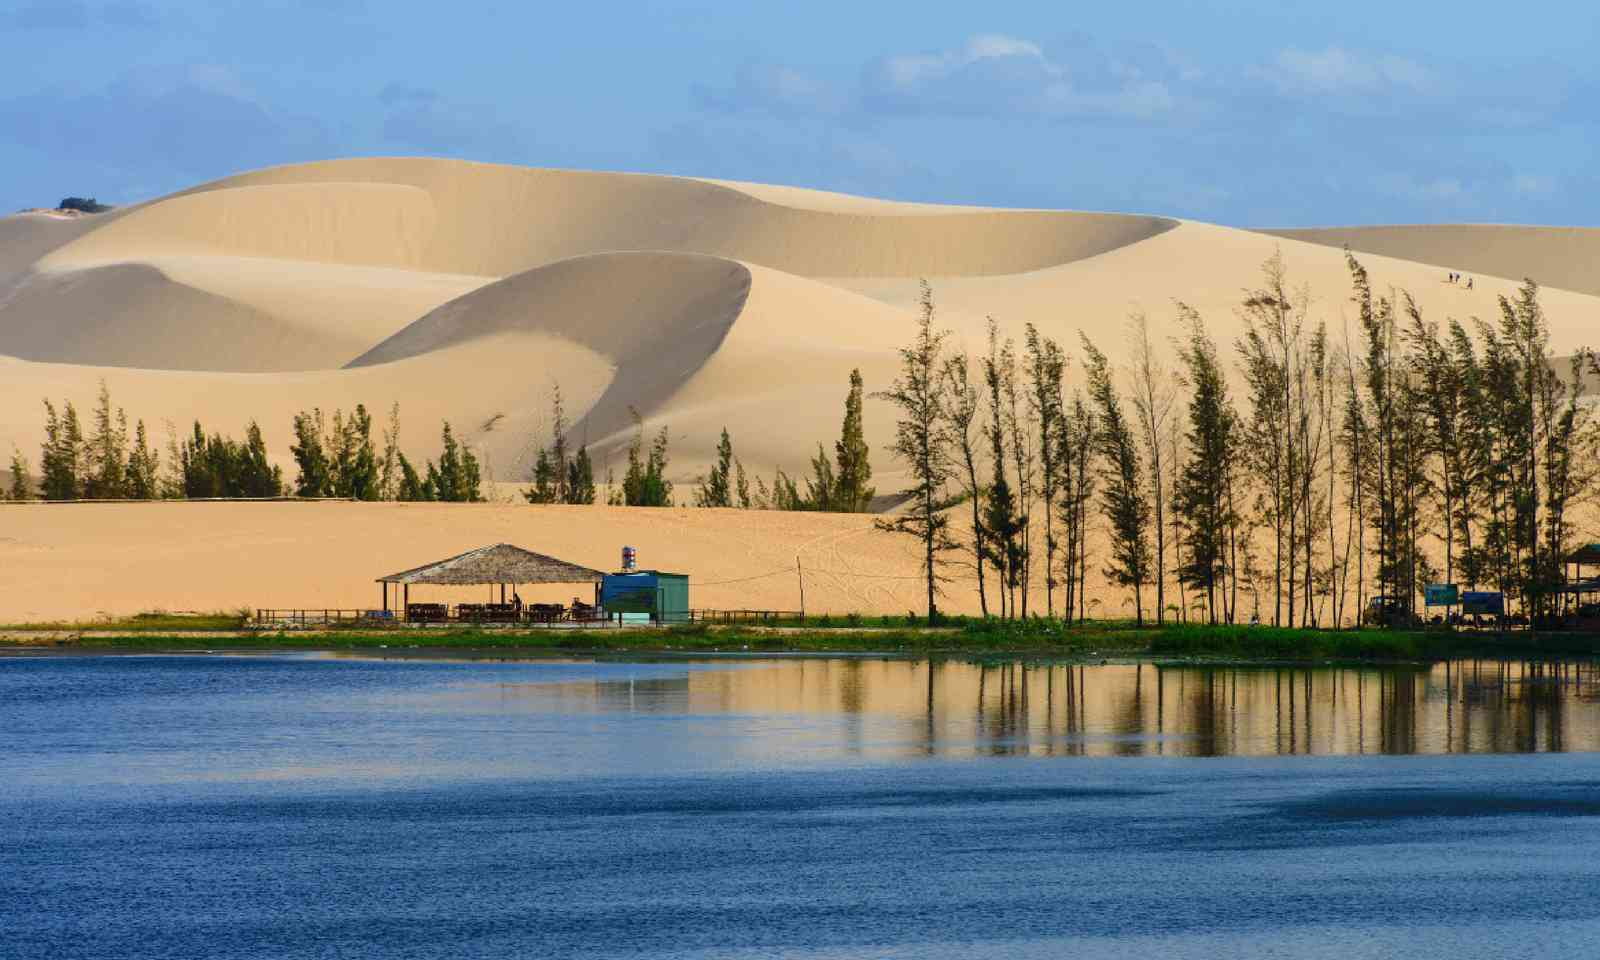 White sand dune in Mui Ne, Vietnam (Shutterstock)